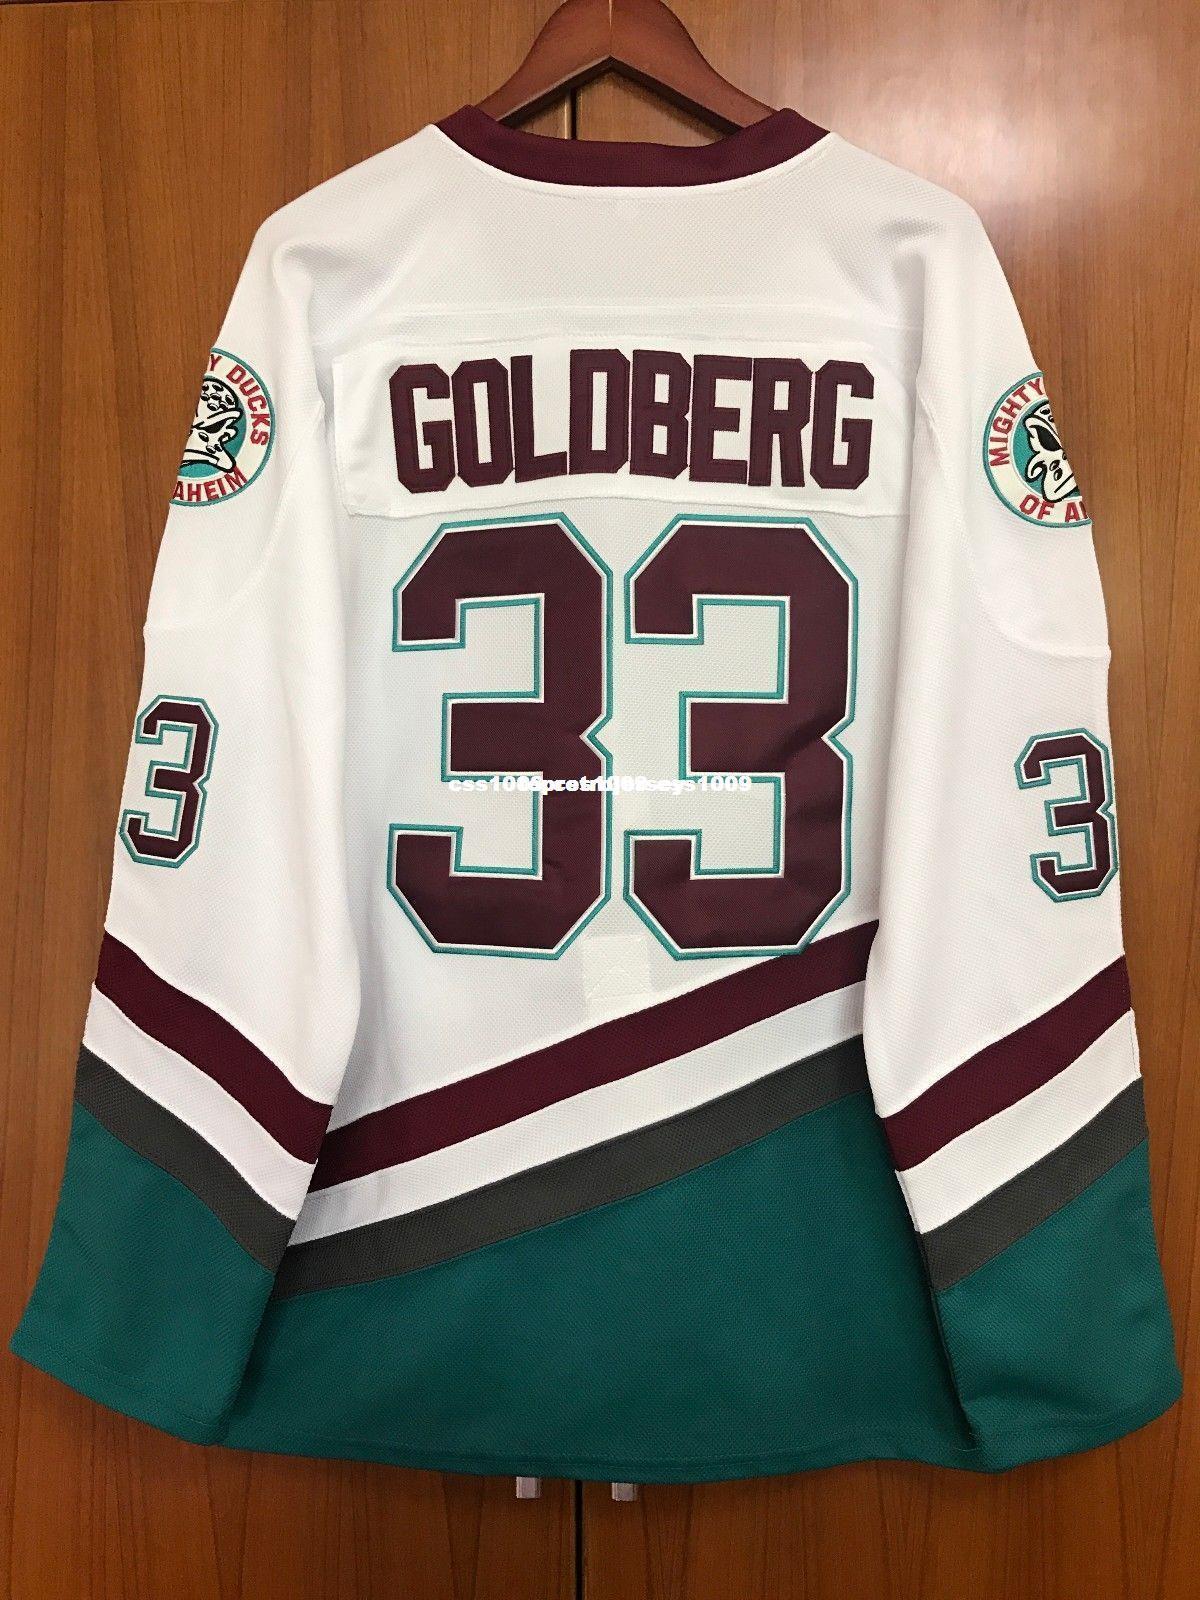 Barato personalizado # 33 Greg Goldberg Camiseta de hockey The Mighty Ducks Película camiseta Cosido en blanco Personalizar cualquier nombre de nombre HOMBRE MUJER JOVEN XS-6XL